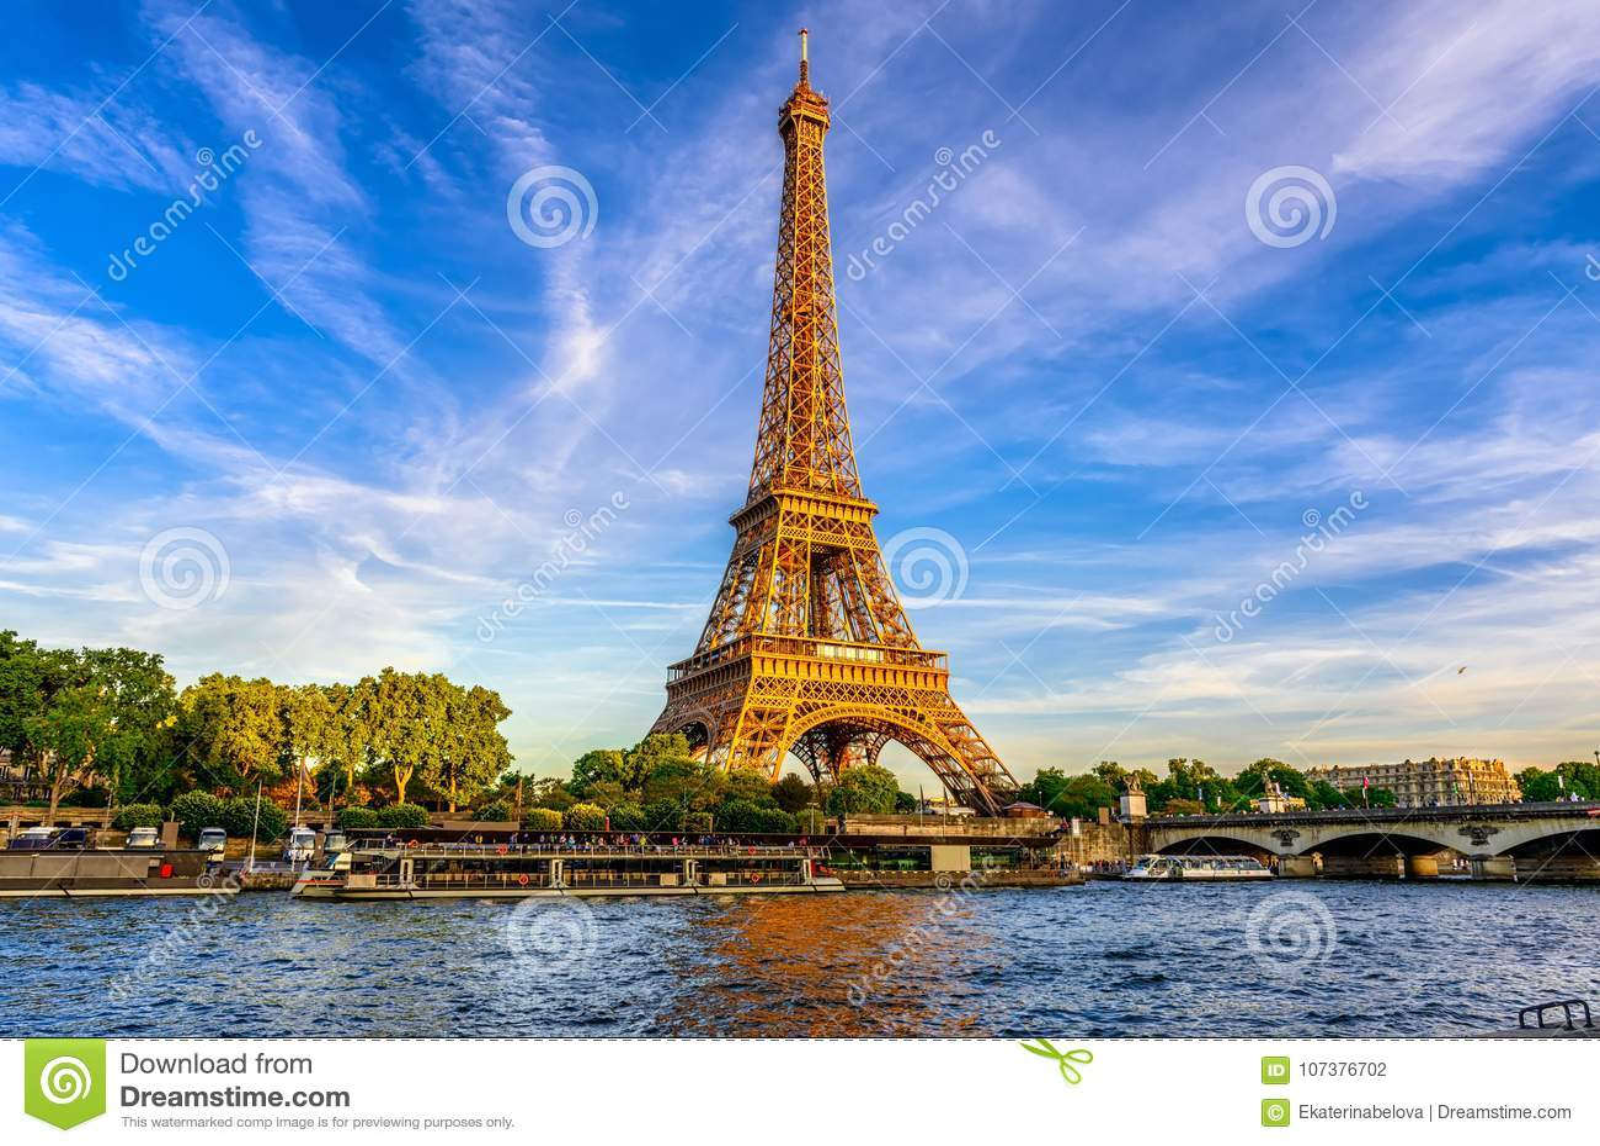 巴黎艾菲尔铁塔和河日落的塞纳河在巴黎,法国